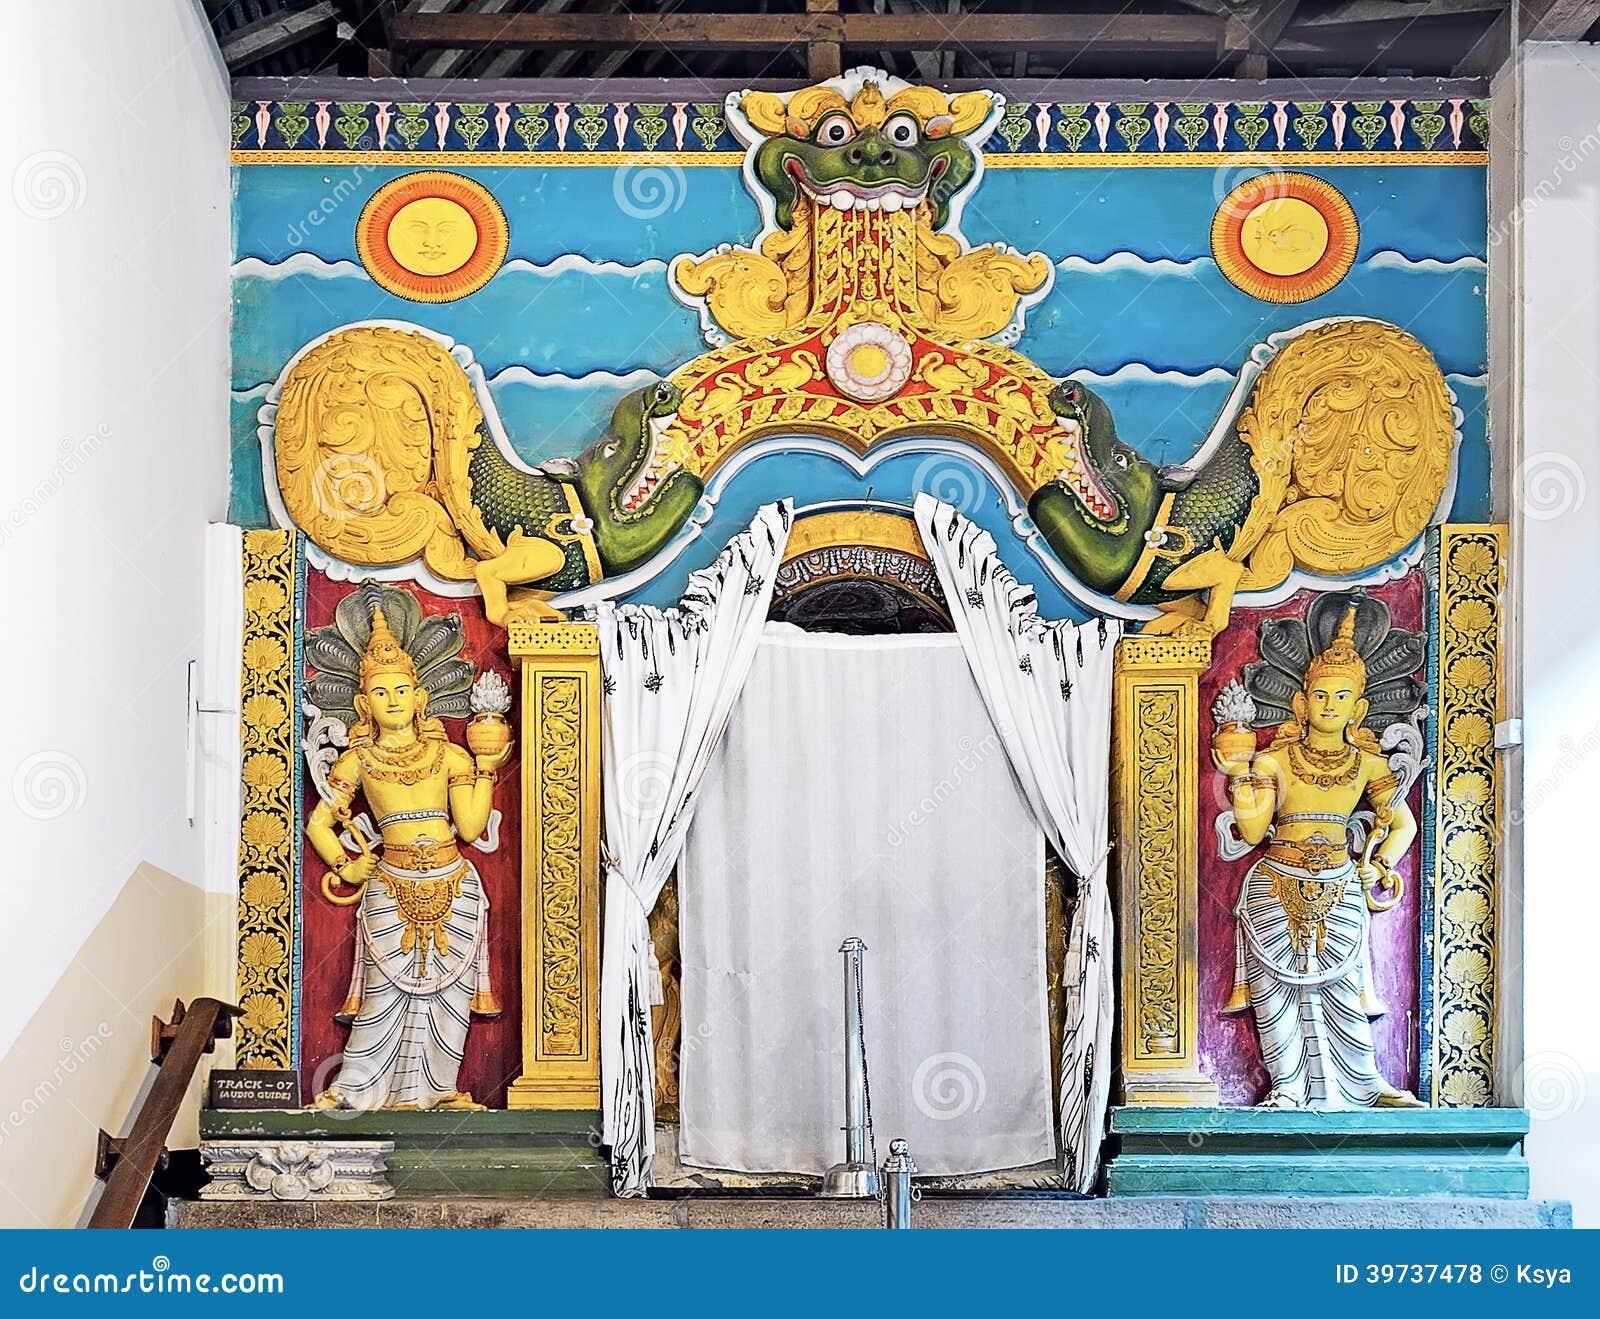 Ναός του τεμαχίου δοντιών (Sri Dalada Maligawa) σε Kandy, Σρι Λάνκα